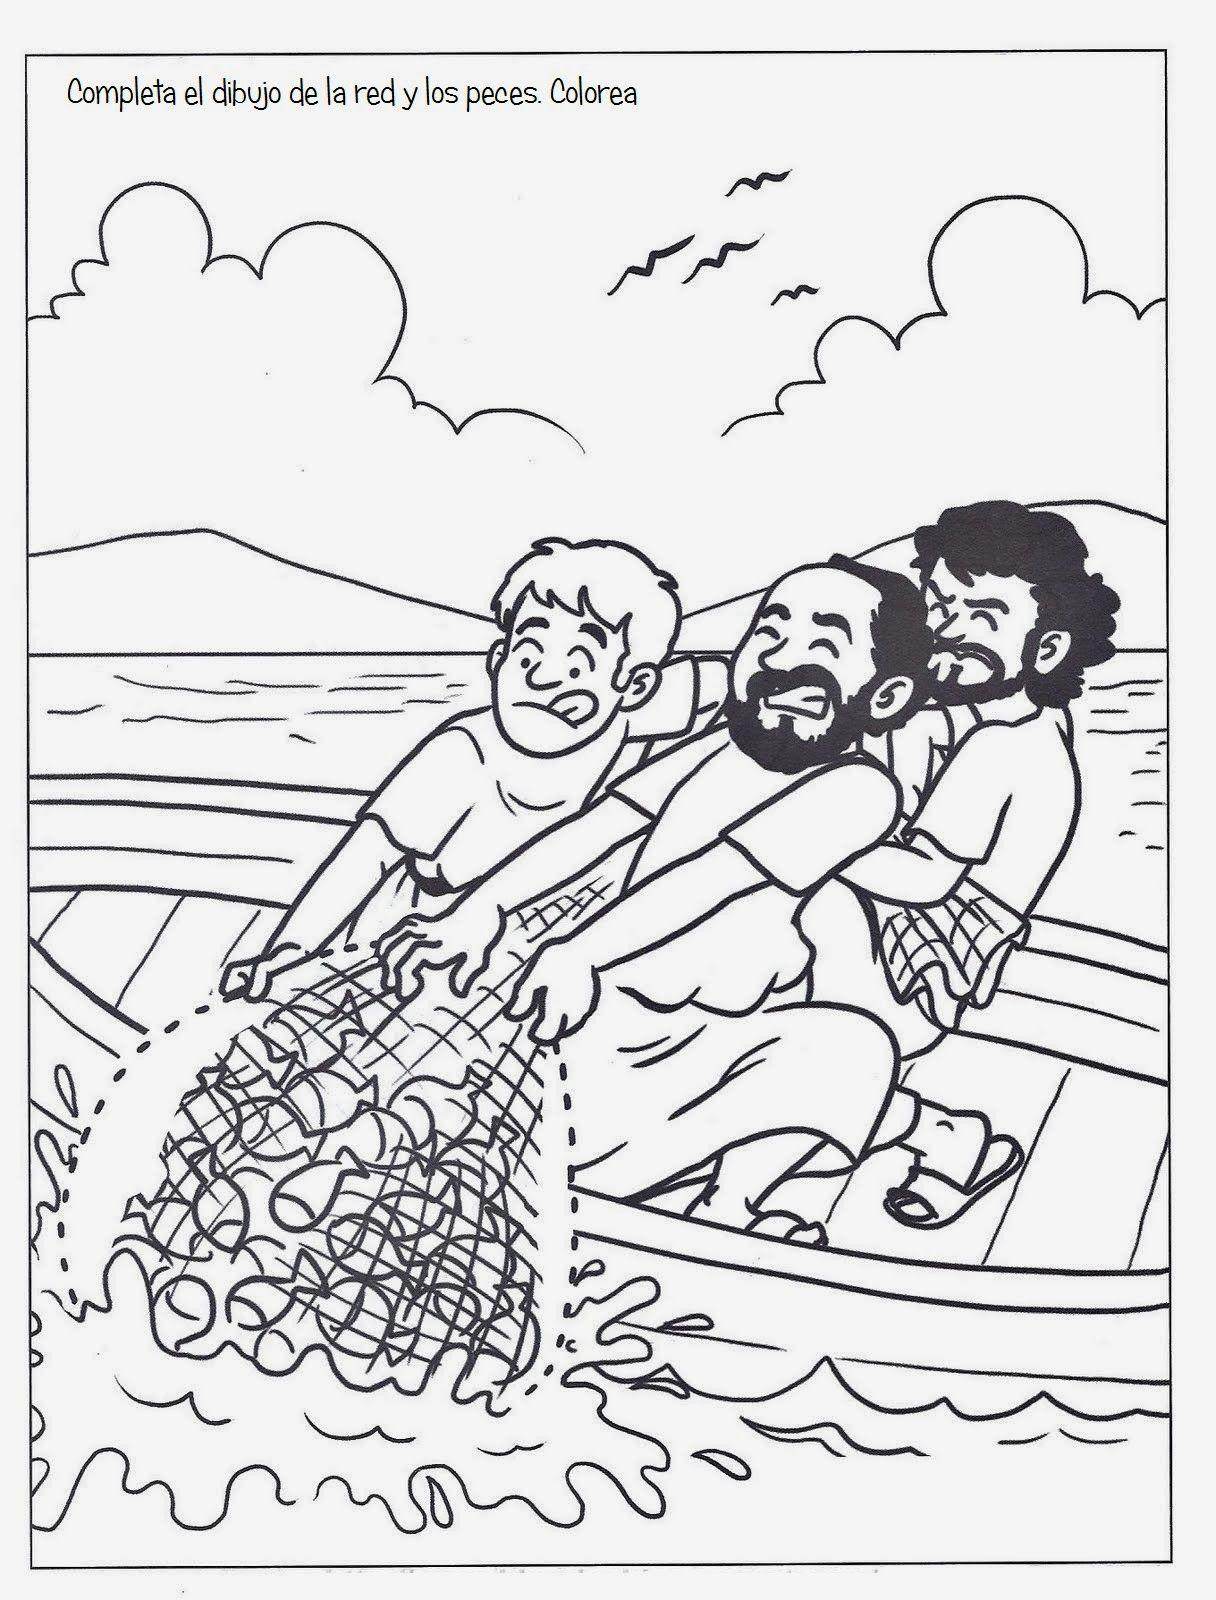 Dibujo Cristiano Para Colorear De Pedro Y La Pesca Milagrosa